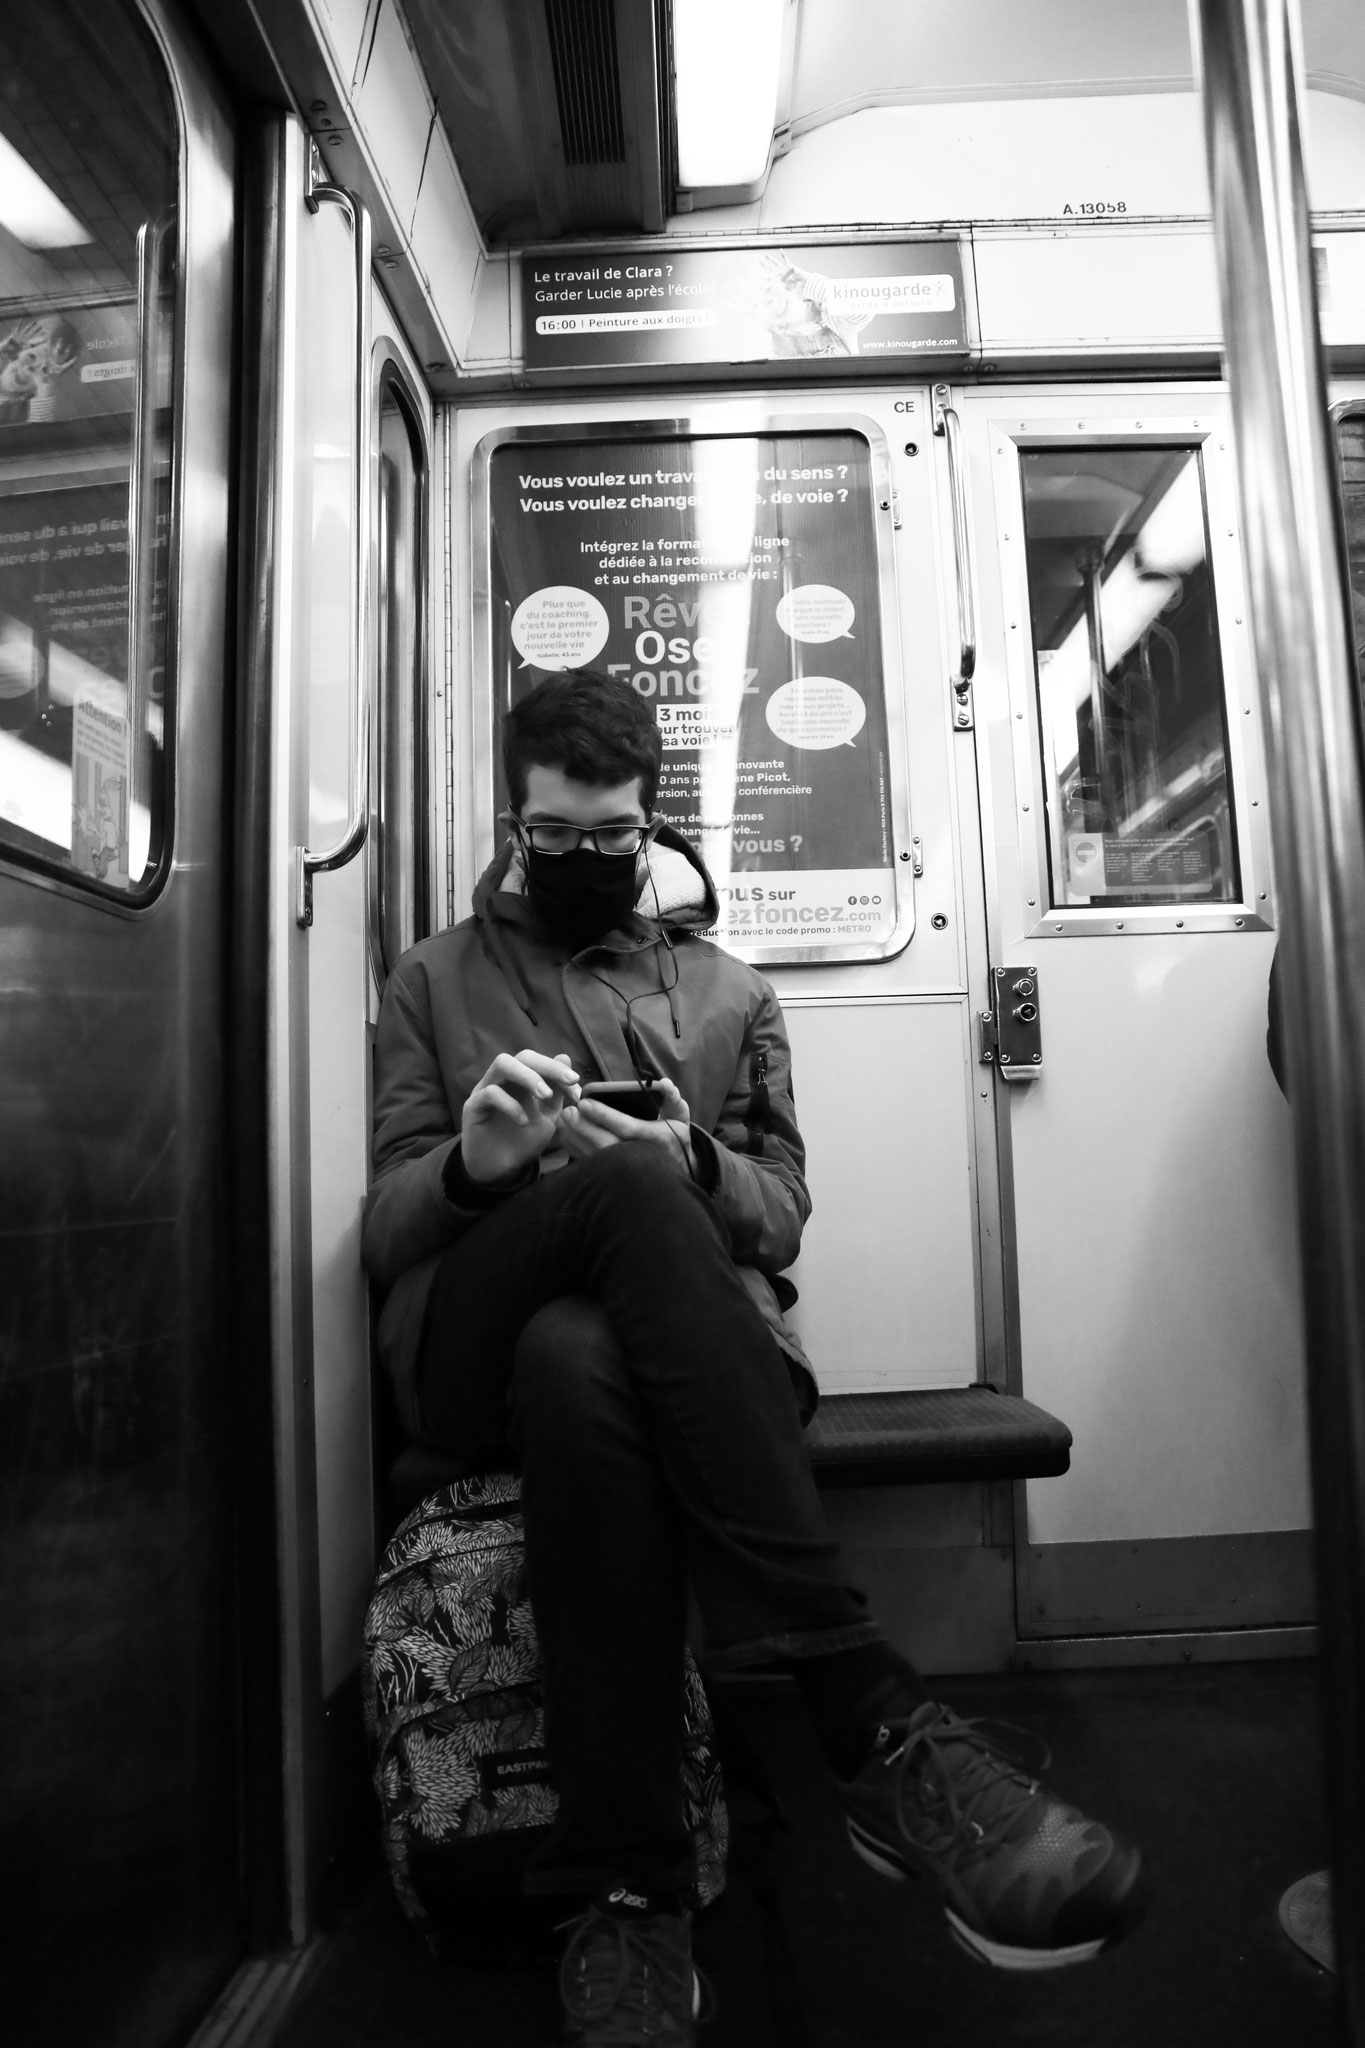 """""""Connected underground"""" - M°12, Paris (2021). Canon 5D Mark IV + 24-105mm. ©Clémence Rougetet"""